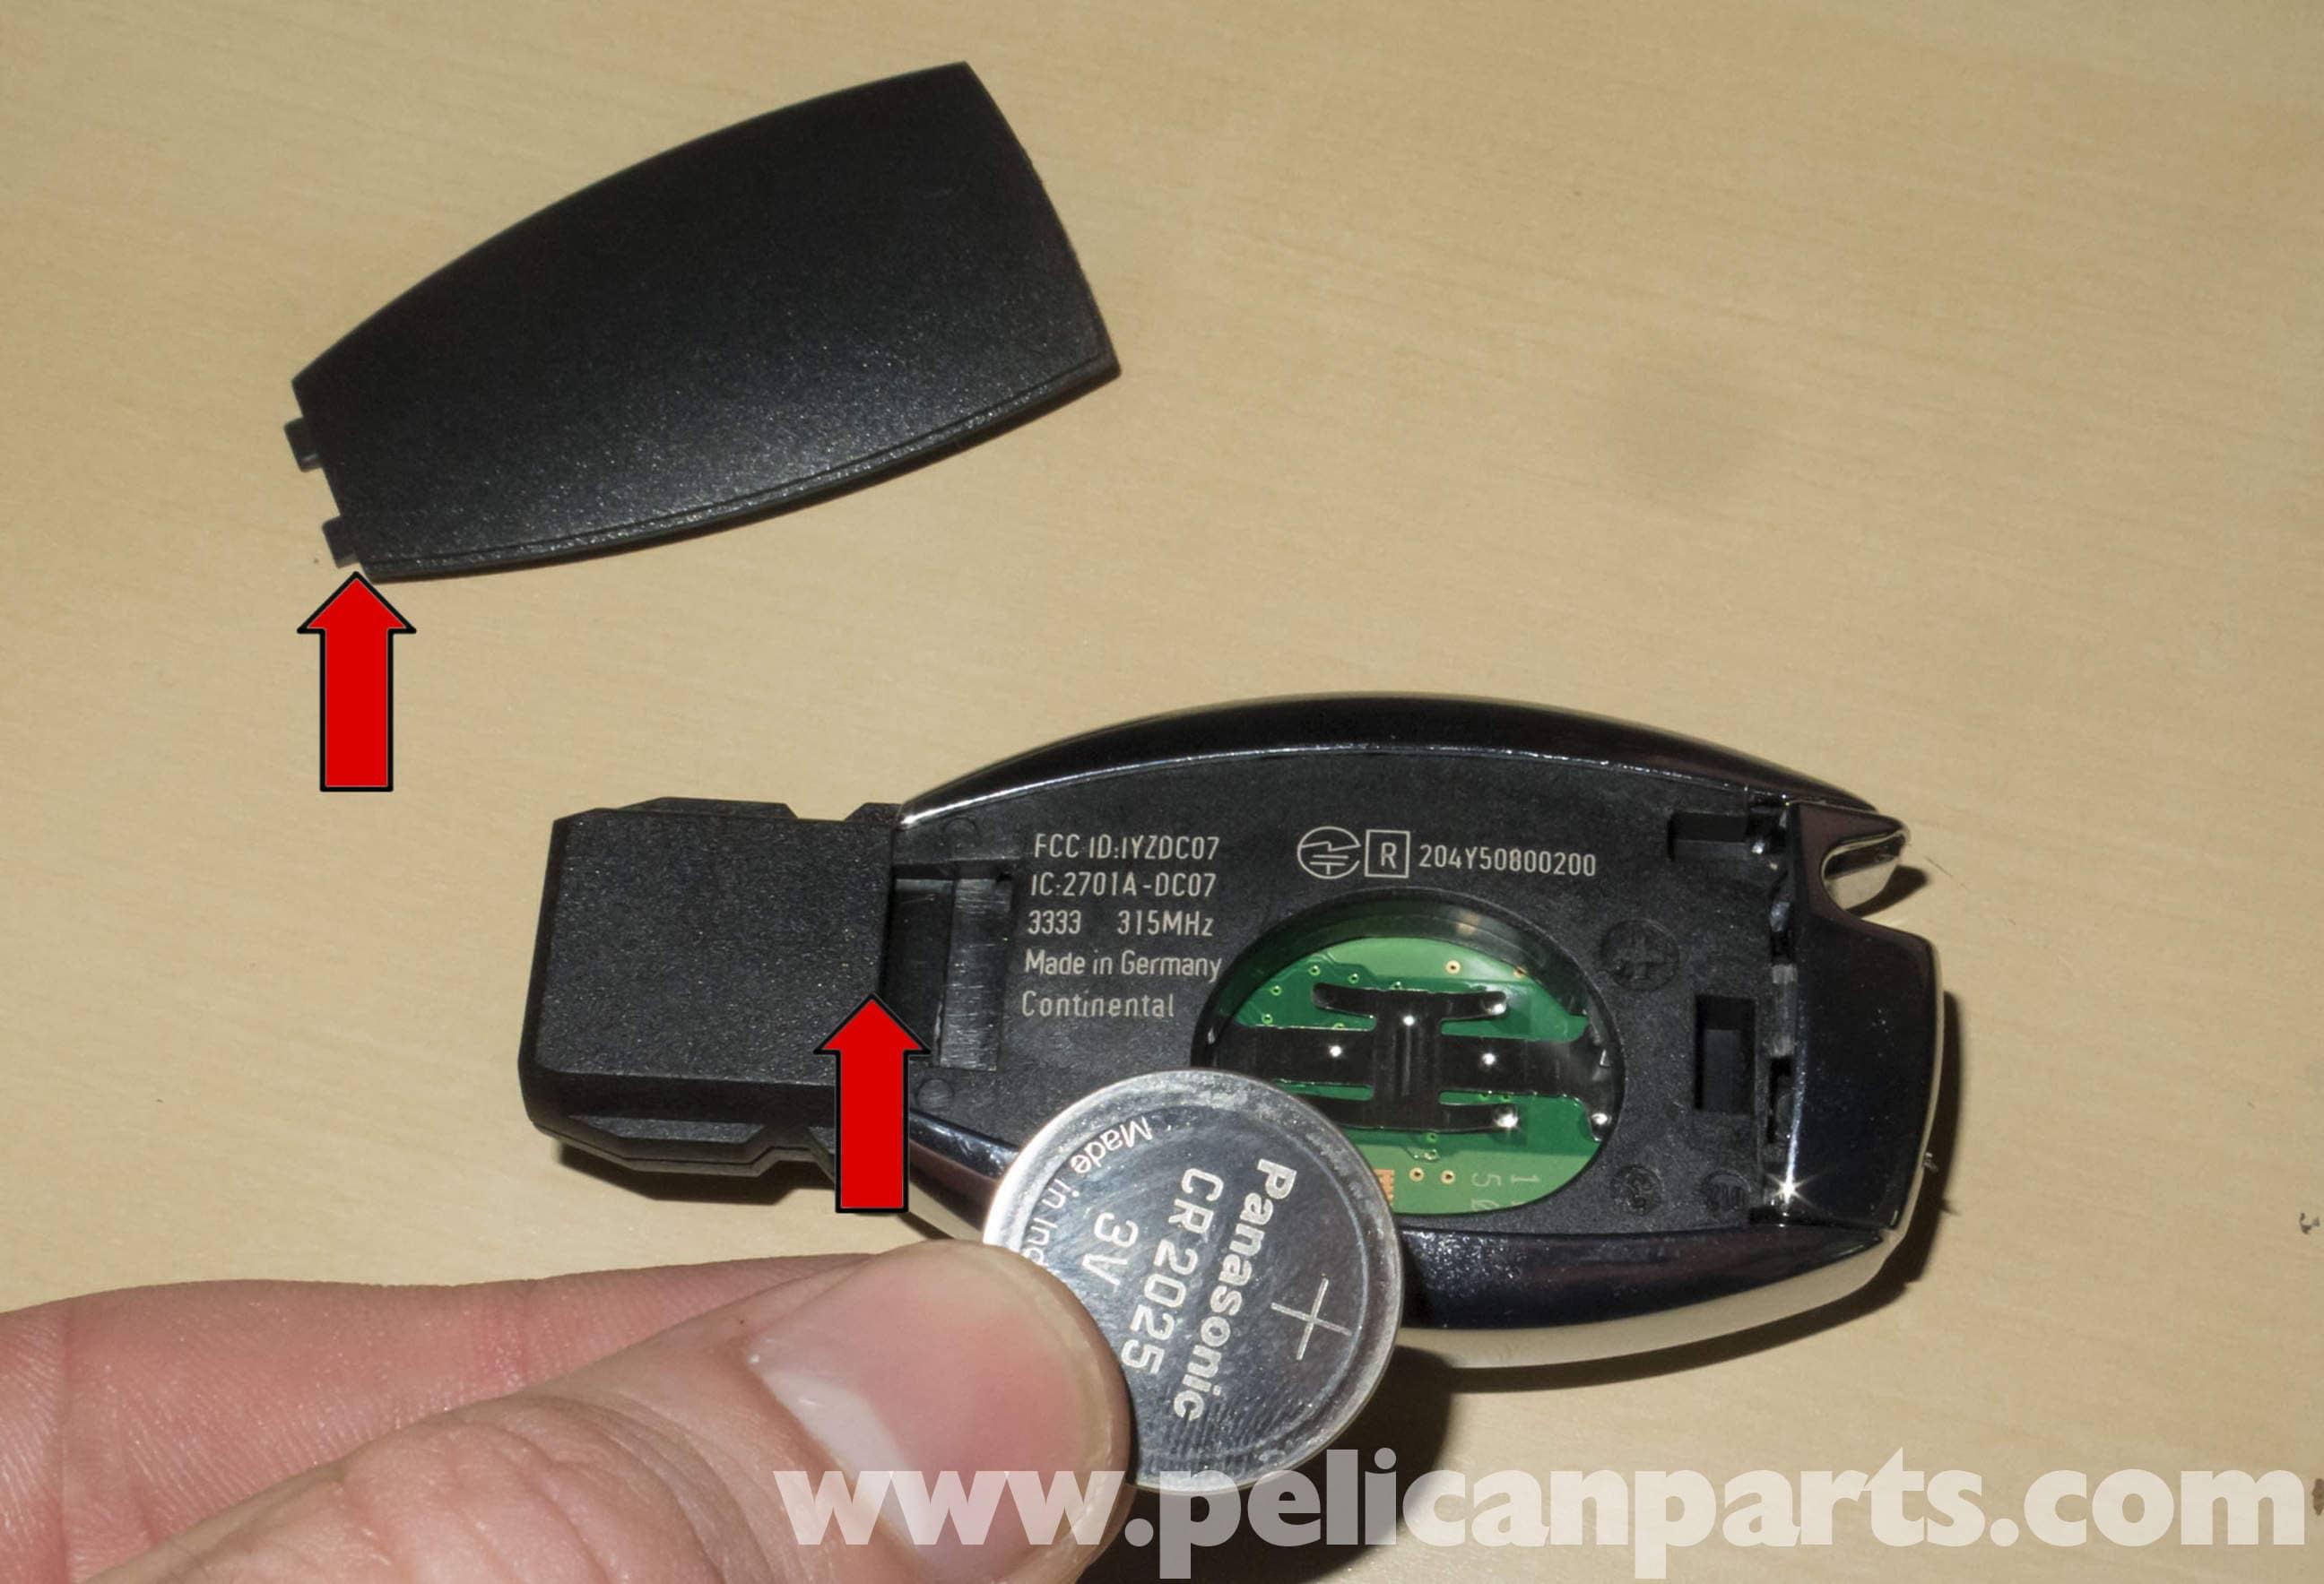 Mercedes-Benz W211 Remote Key Programming & Battery ...